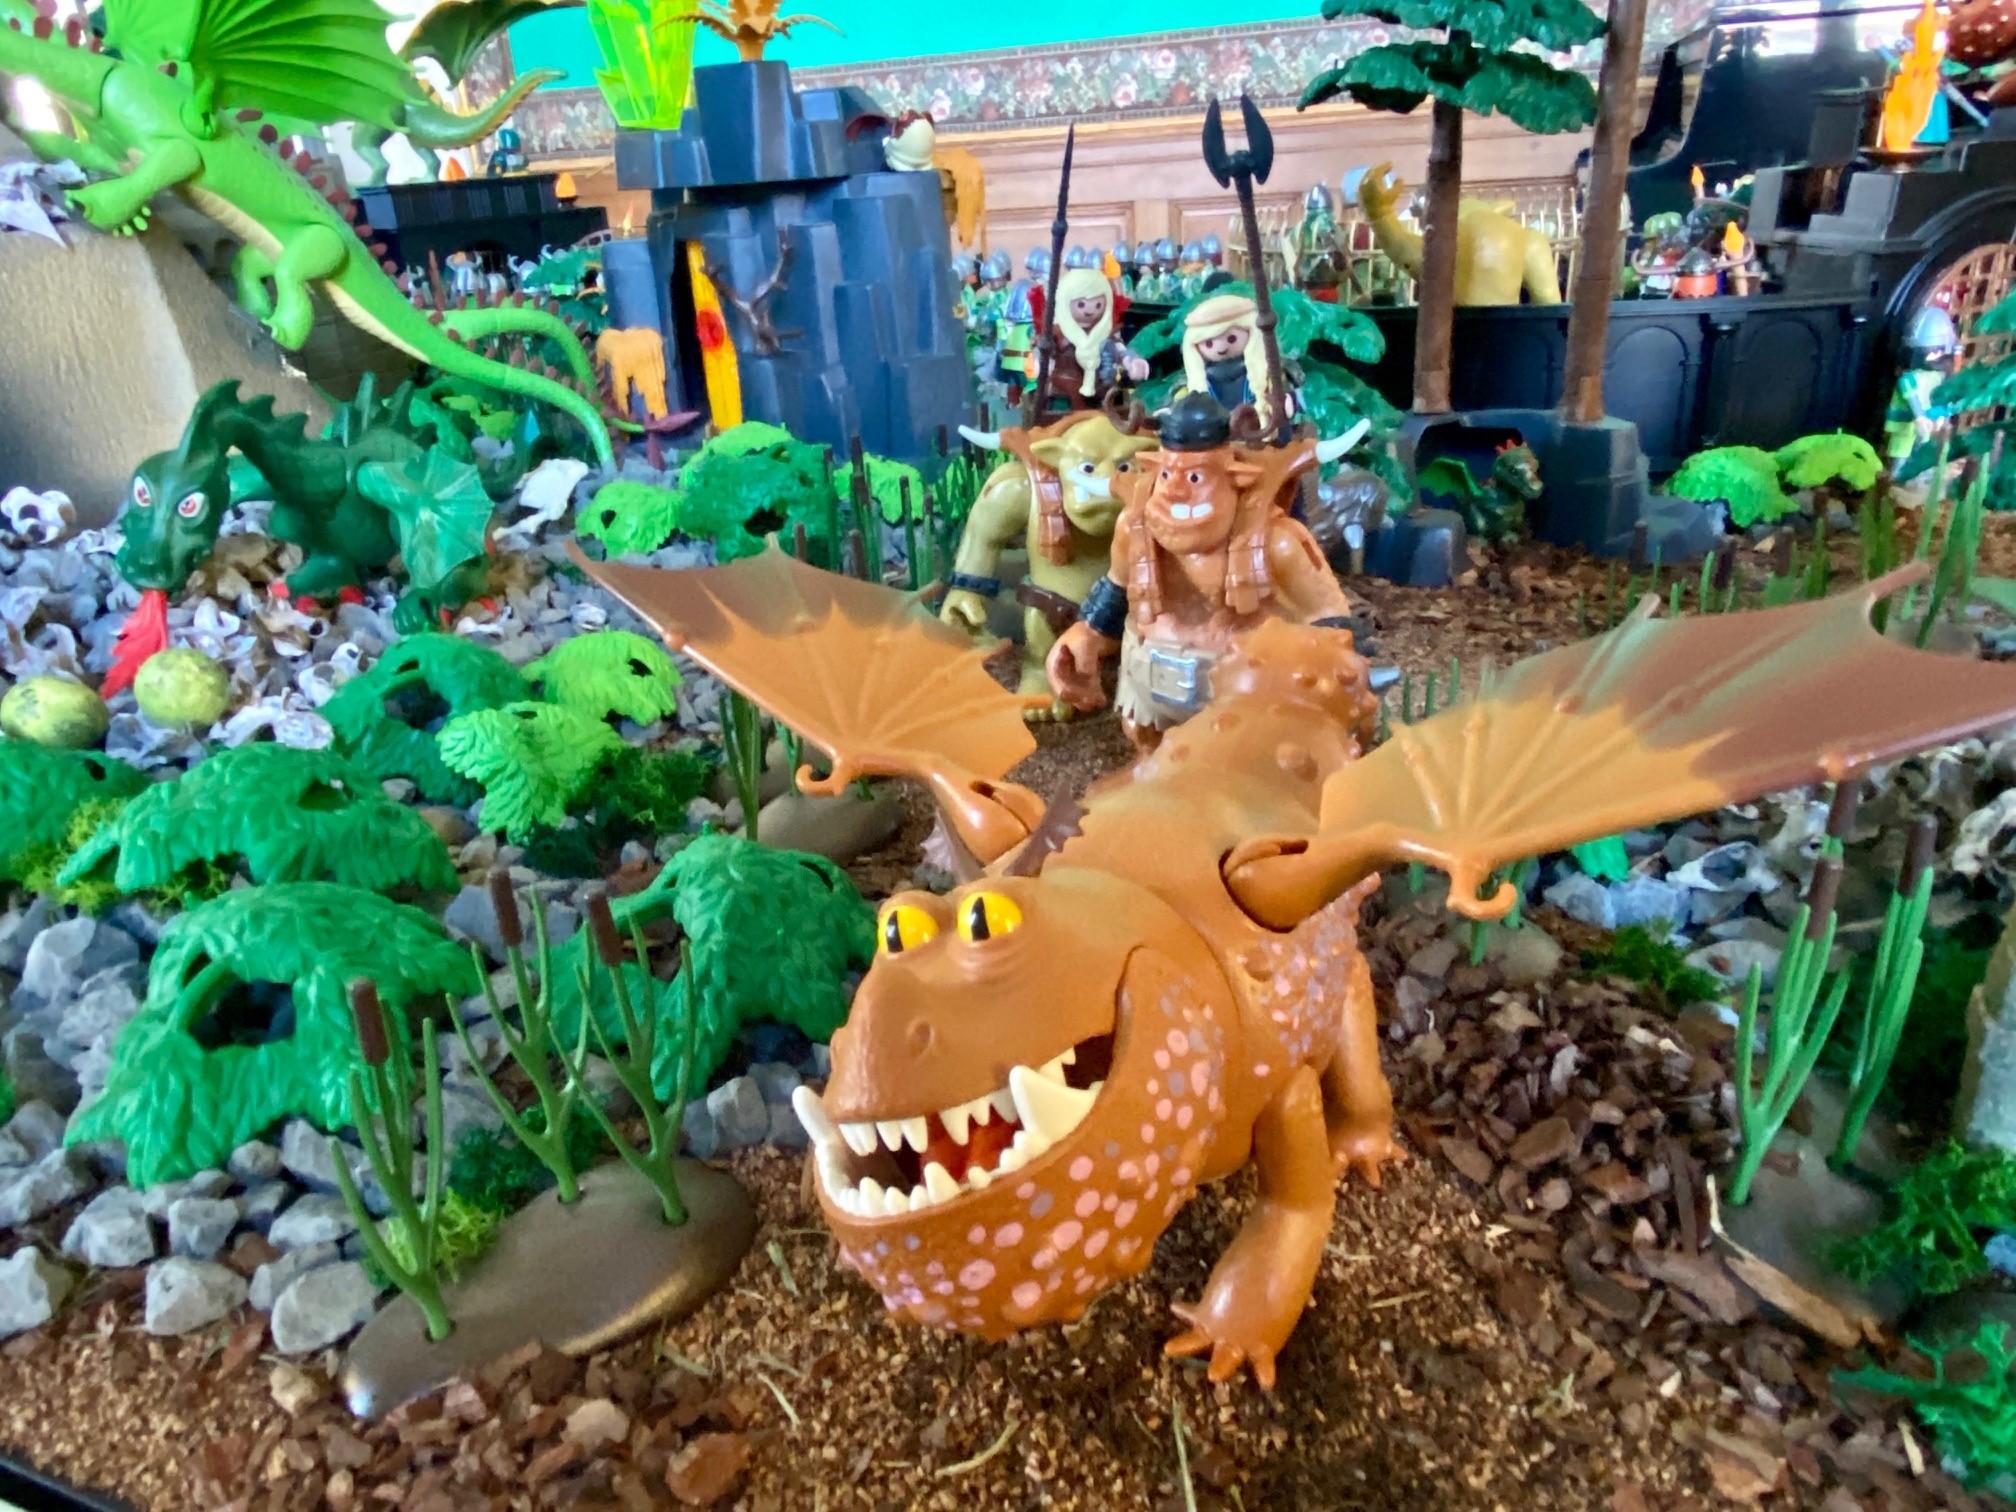 Ausstellung Playmobil Aulendorf